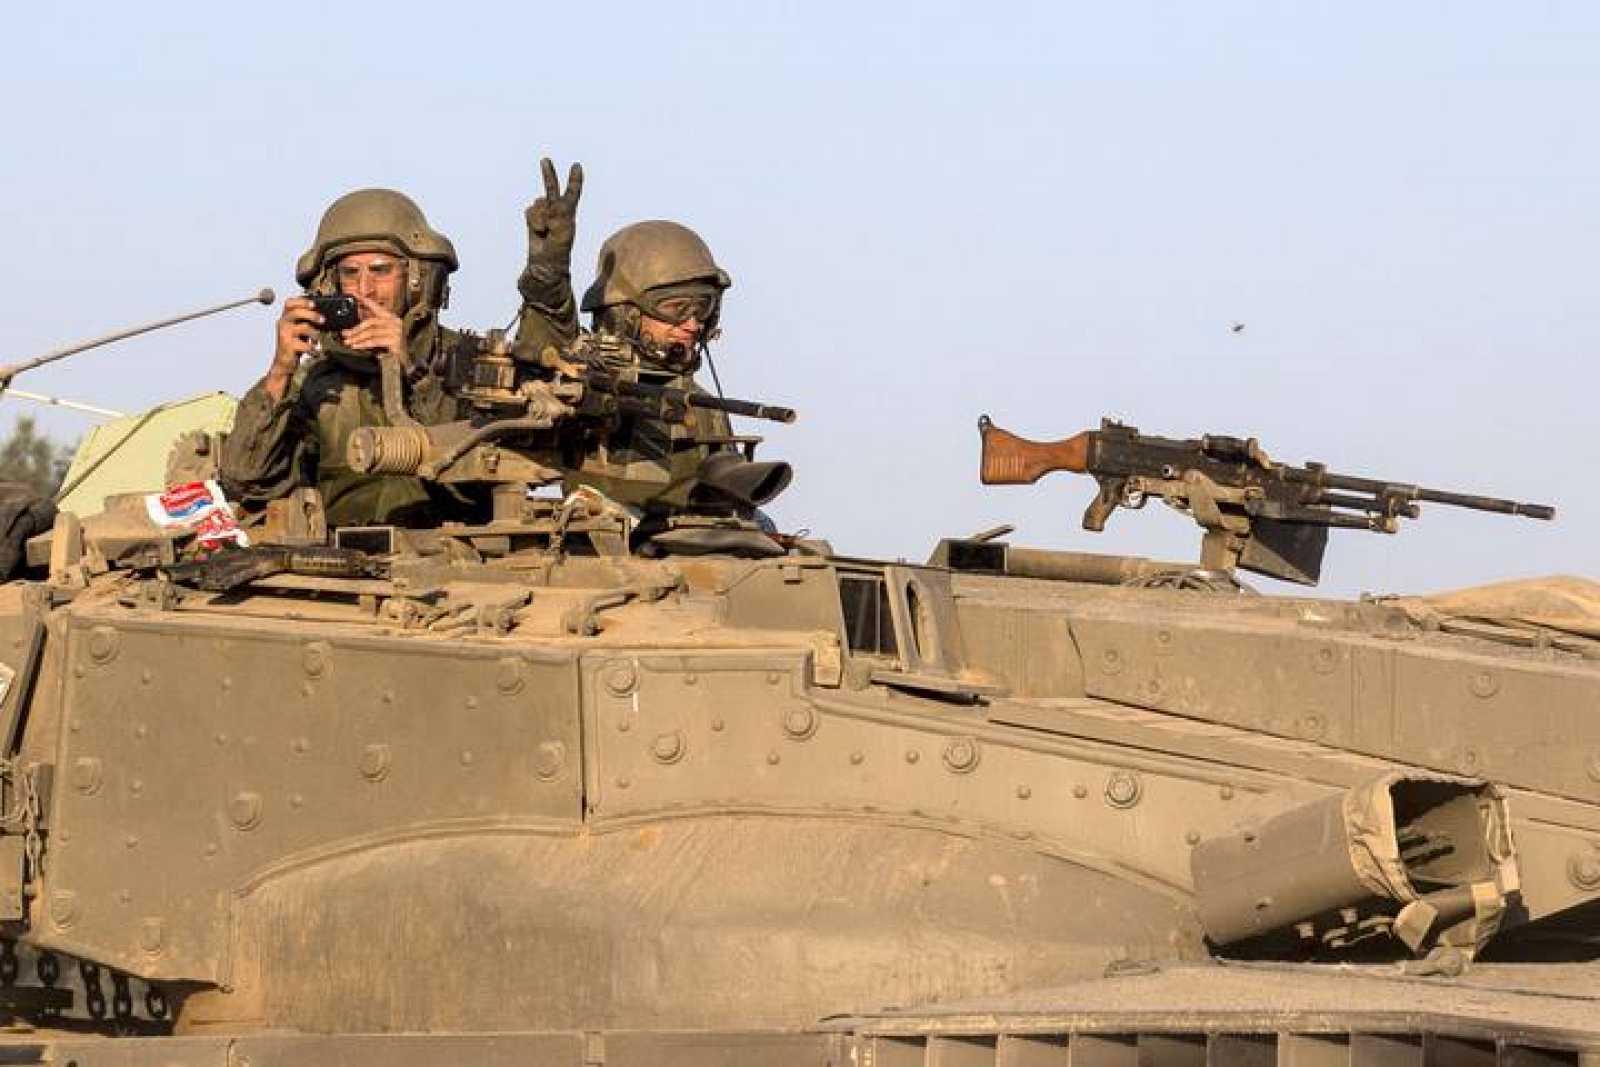 Soldados israelíes en un tanque situado en la frontera de Gaza